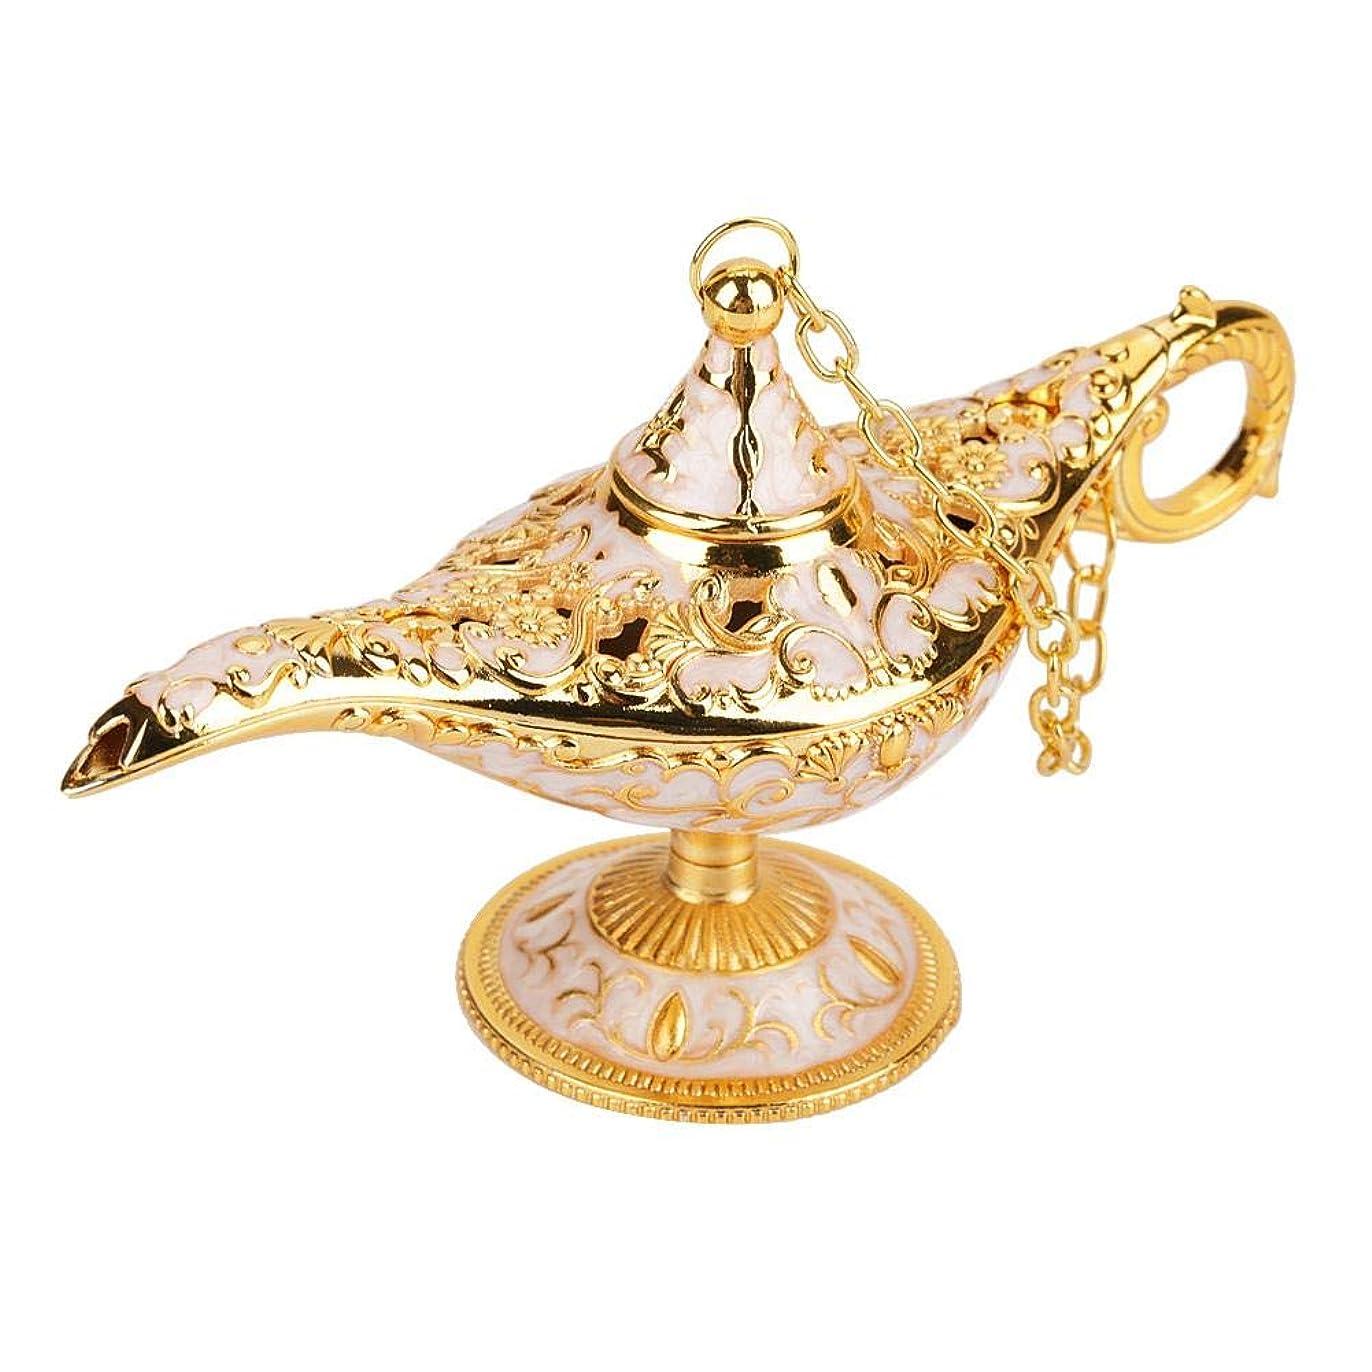 閲覧する名前を作るサービスアラジンの装飾、金属の彫刻が施された中空のレジェンドランプのファッションは、家の装飾とコレクションのためのポットの装飾を願っています。(#3)